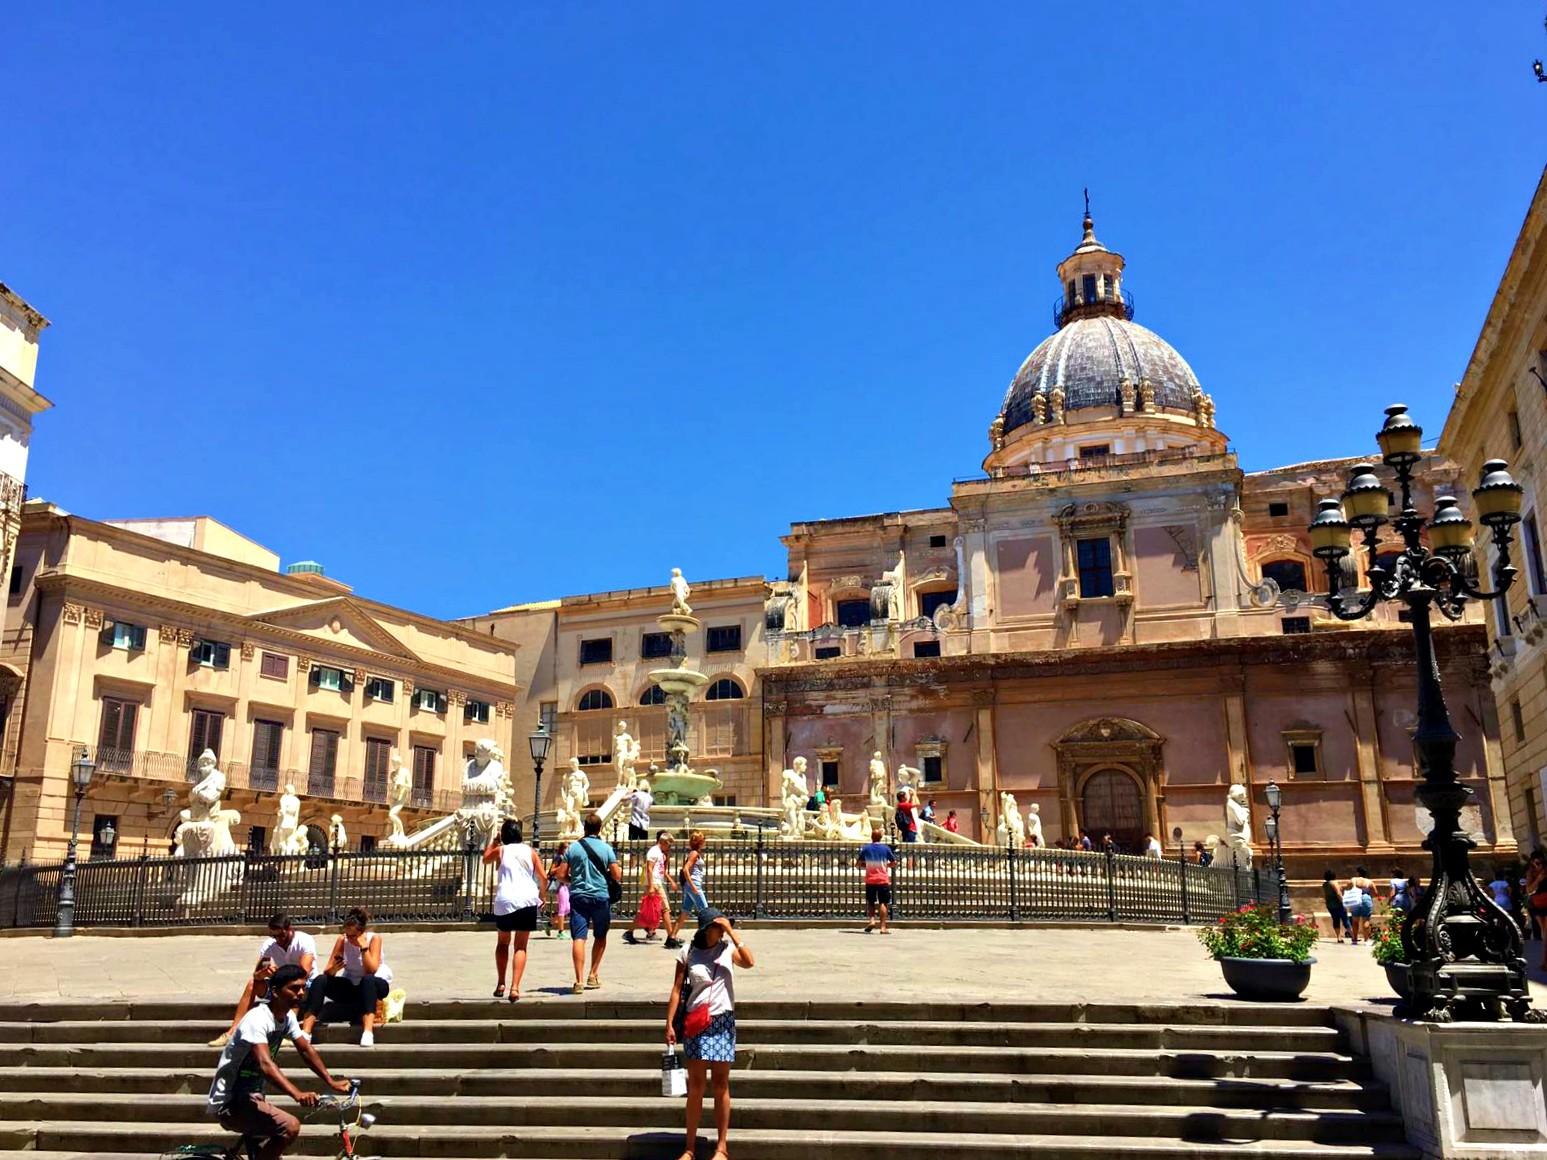 60 giorni a Palermo